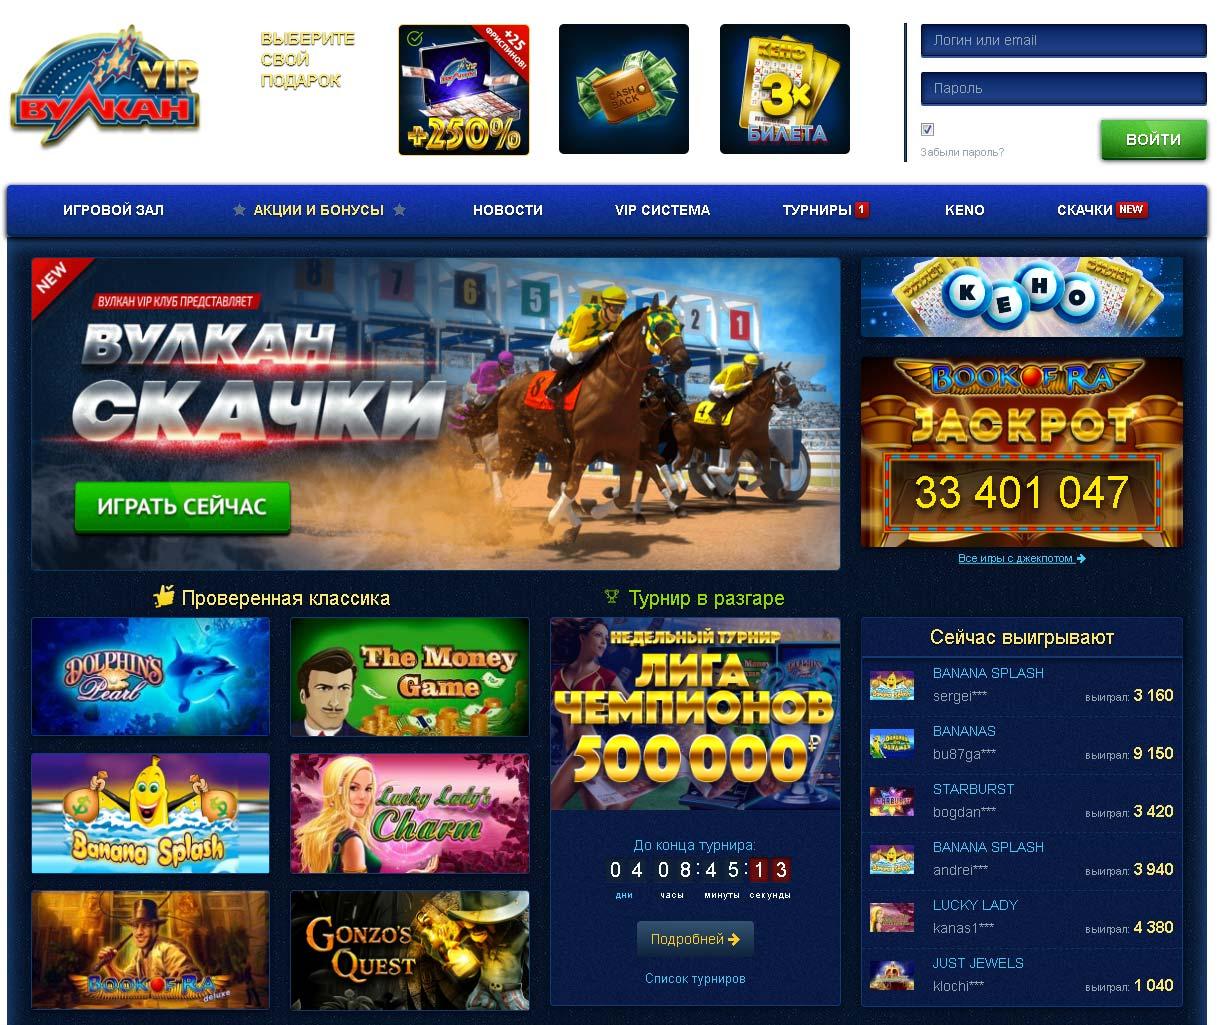 Бездепозитные бонусы за регистрацию в казино